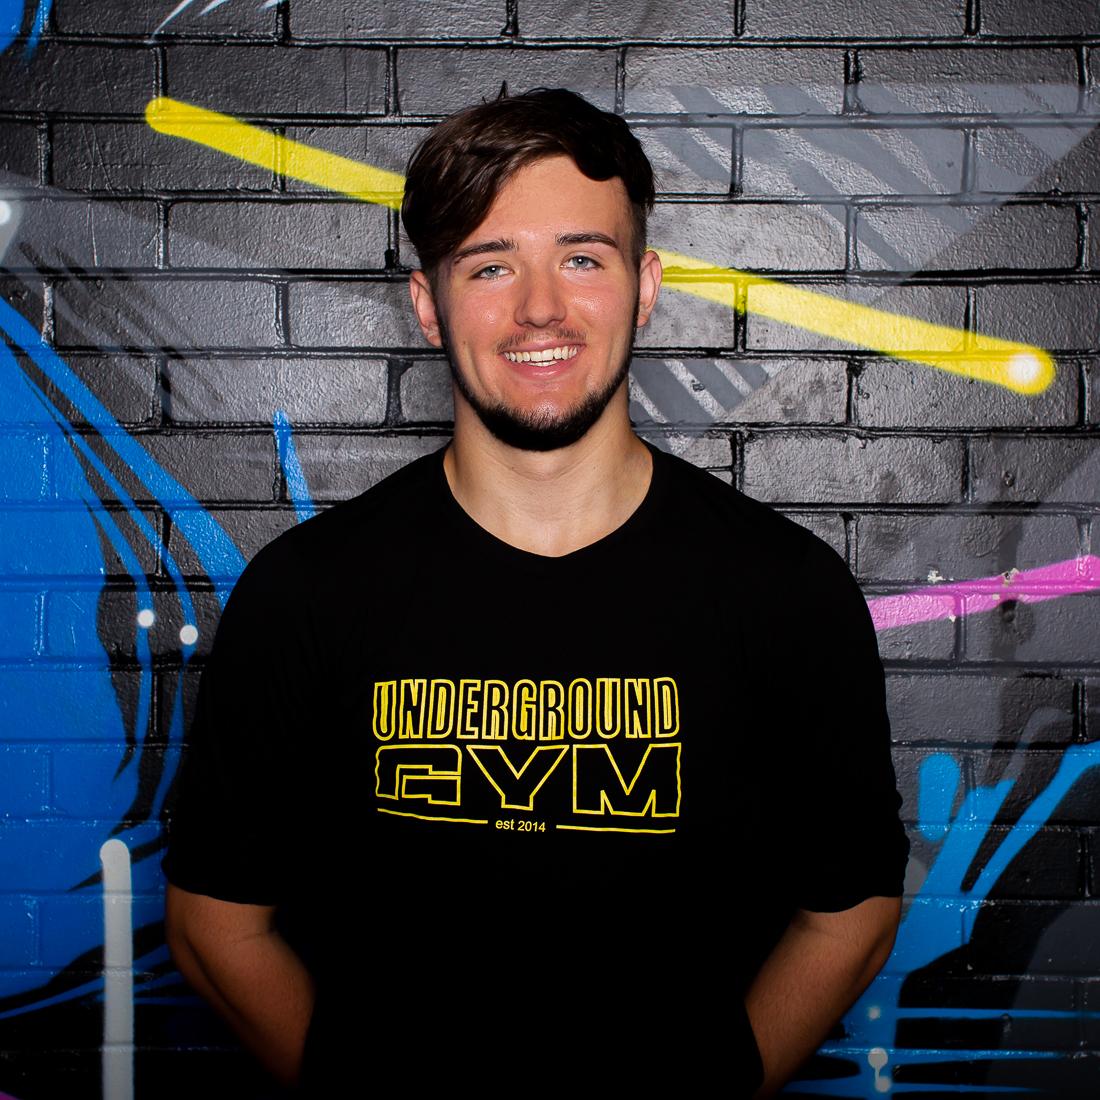 Luke Smith-Robbie